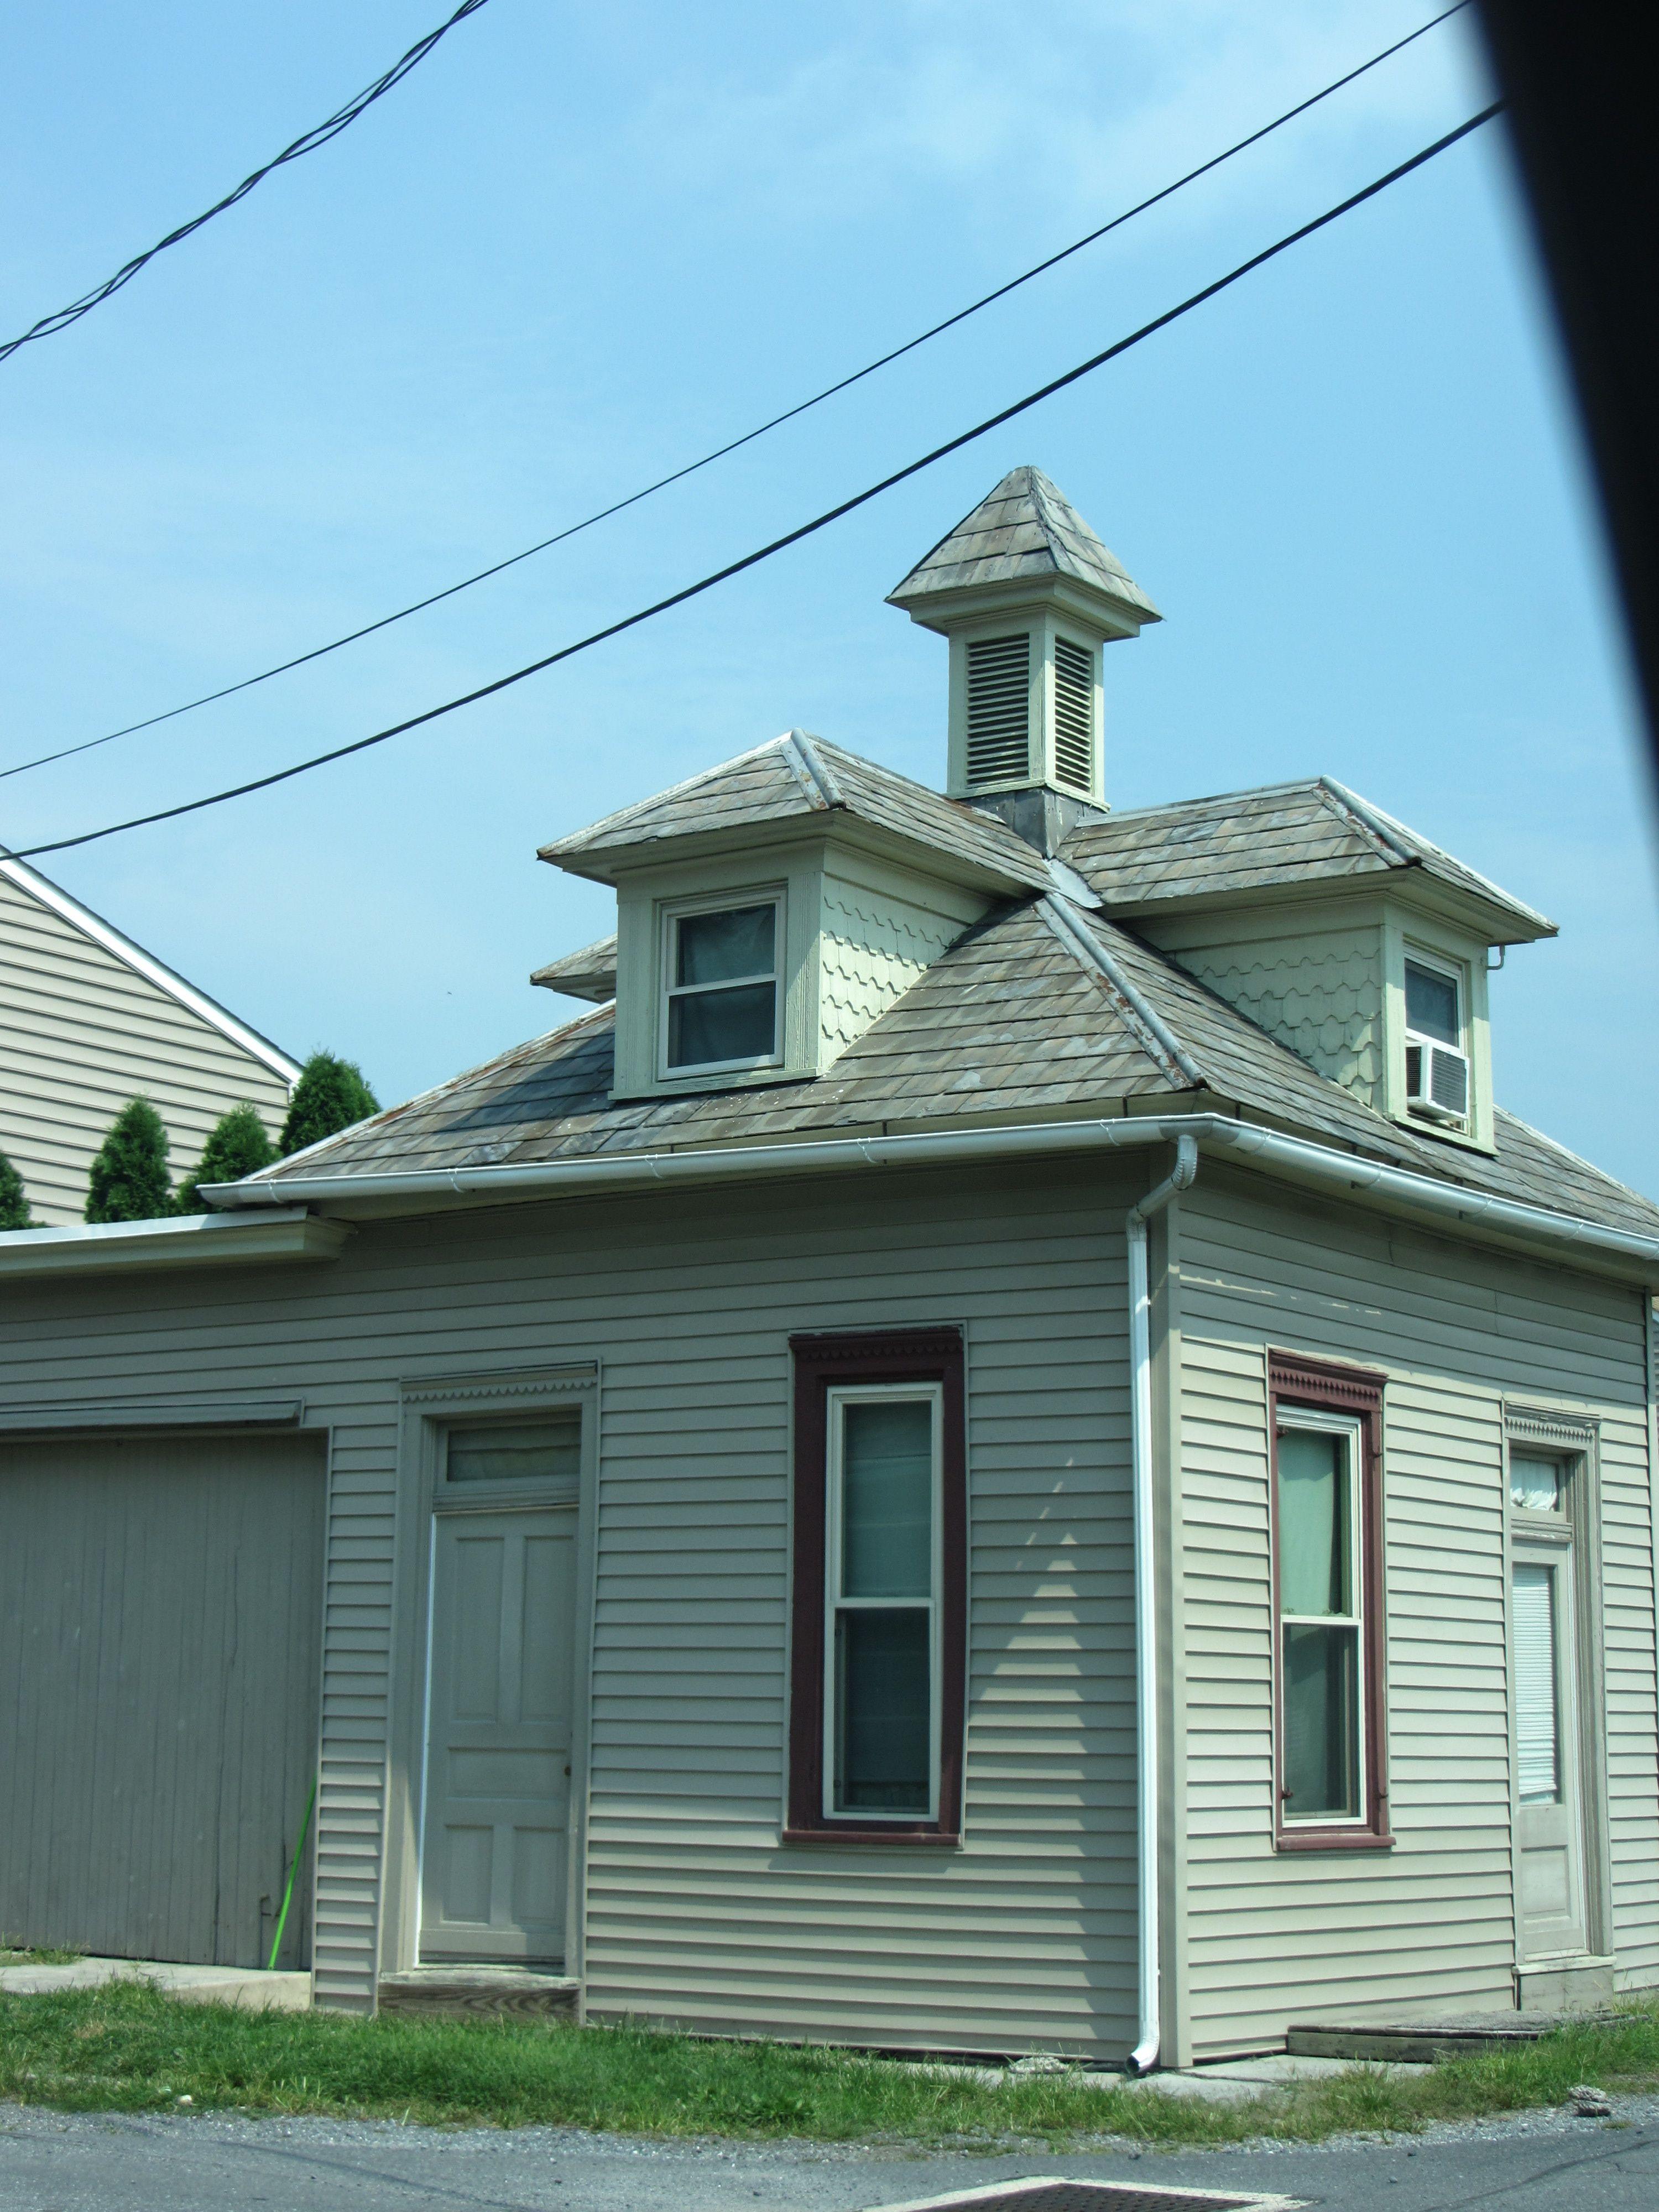 Unique Building In Elizabethtown Pa Old Abandoned Houses Unique Buildings Abandoned Houses